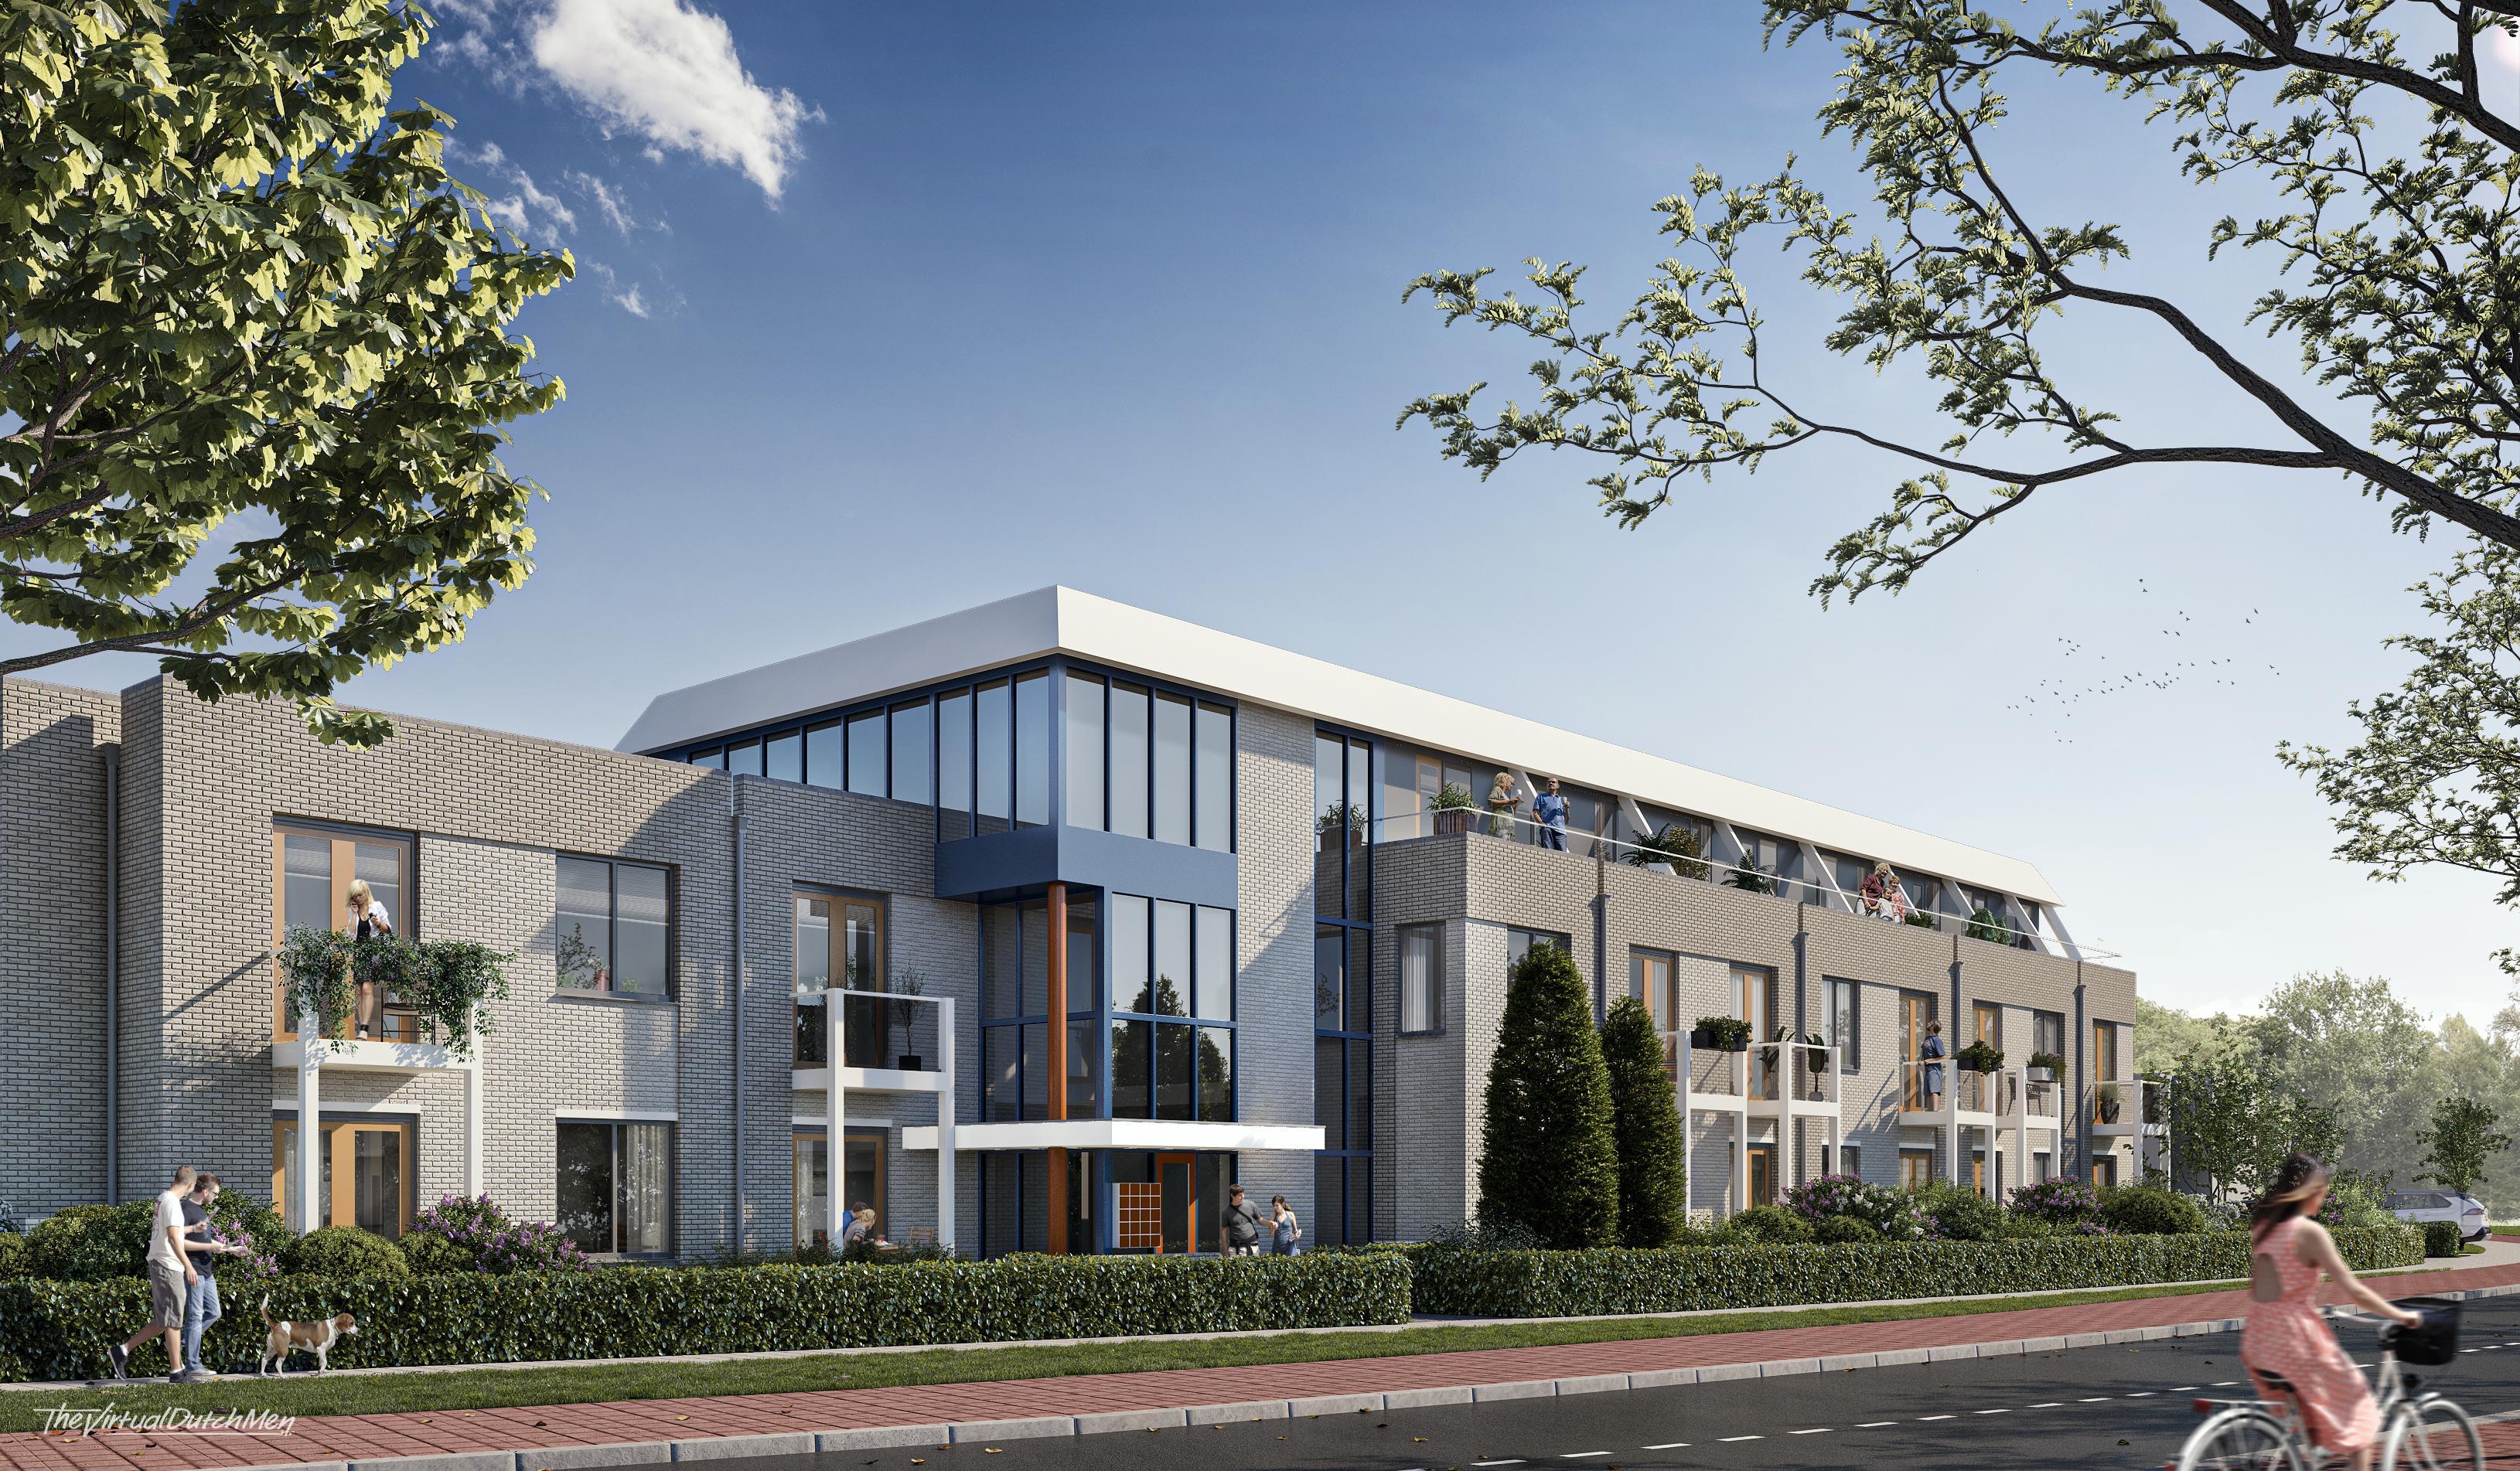 Nieuwe toekomst voor leegstaand kantoorpand aan de Nieuweweg: negentien appartementen in de sociale huur; Bewoners kunnen er begin 2022 in